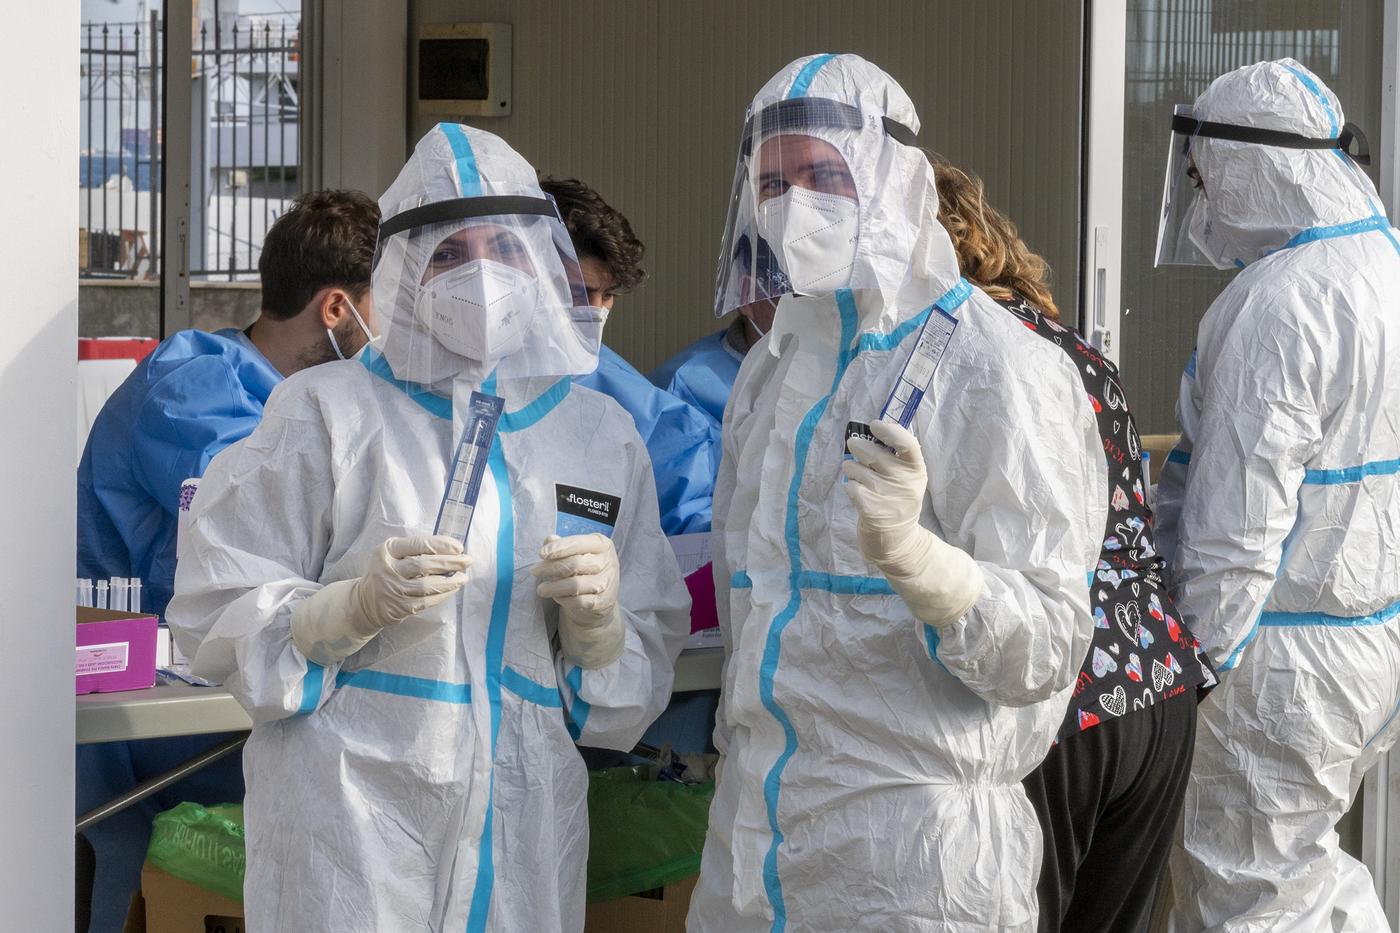 Coronavirus, tamponi Drive-In a Messina per le persone in arrivo in Sicilia per le vacanze natalizie